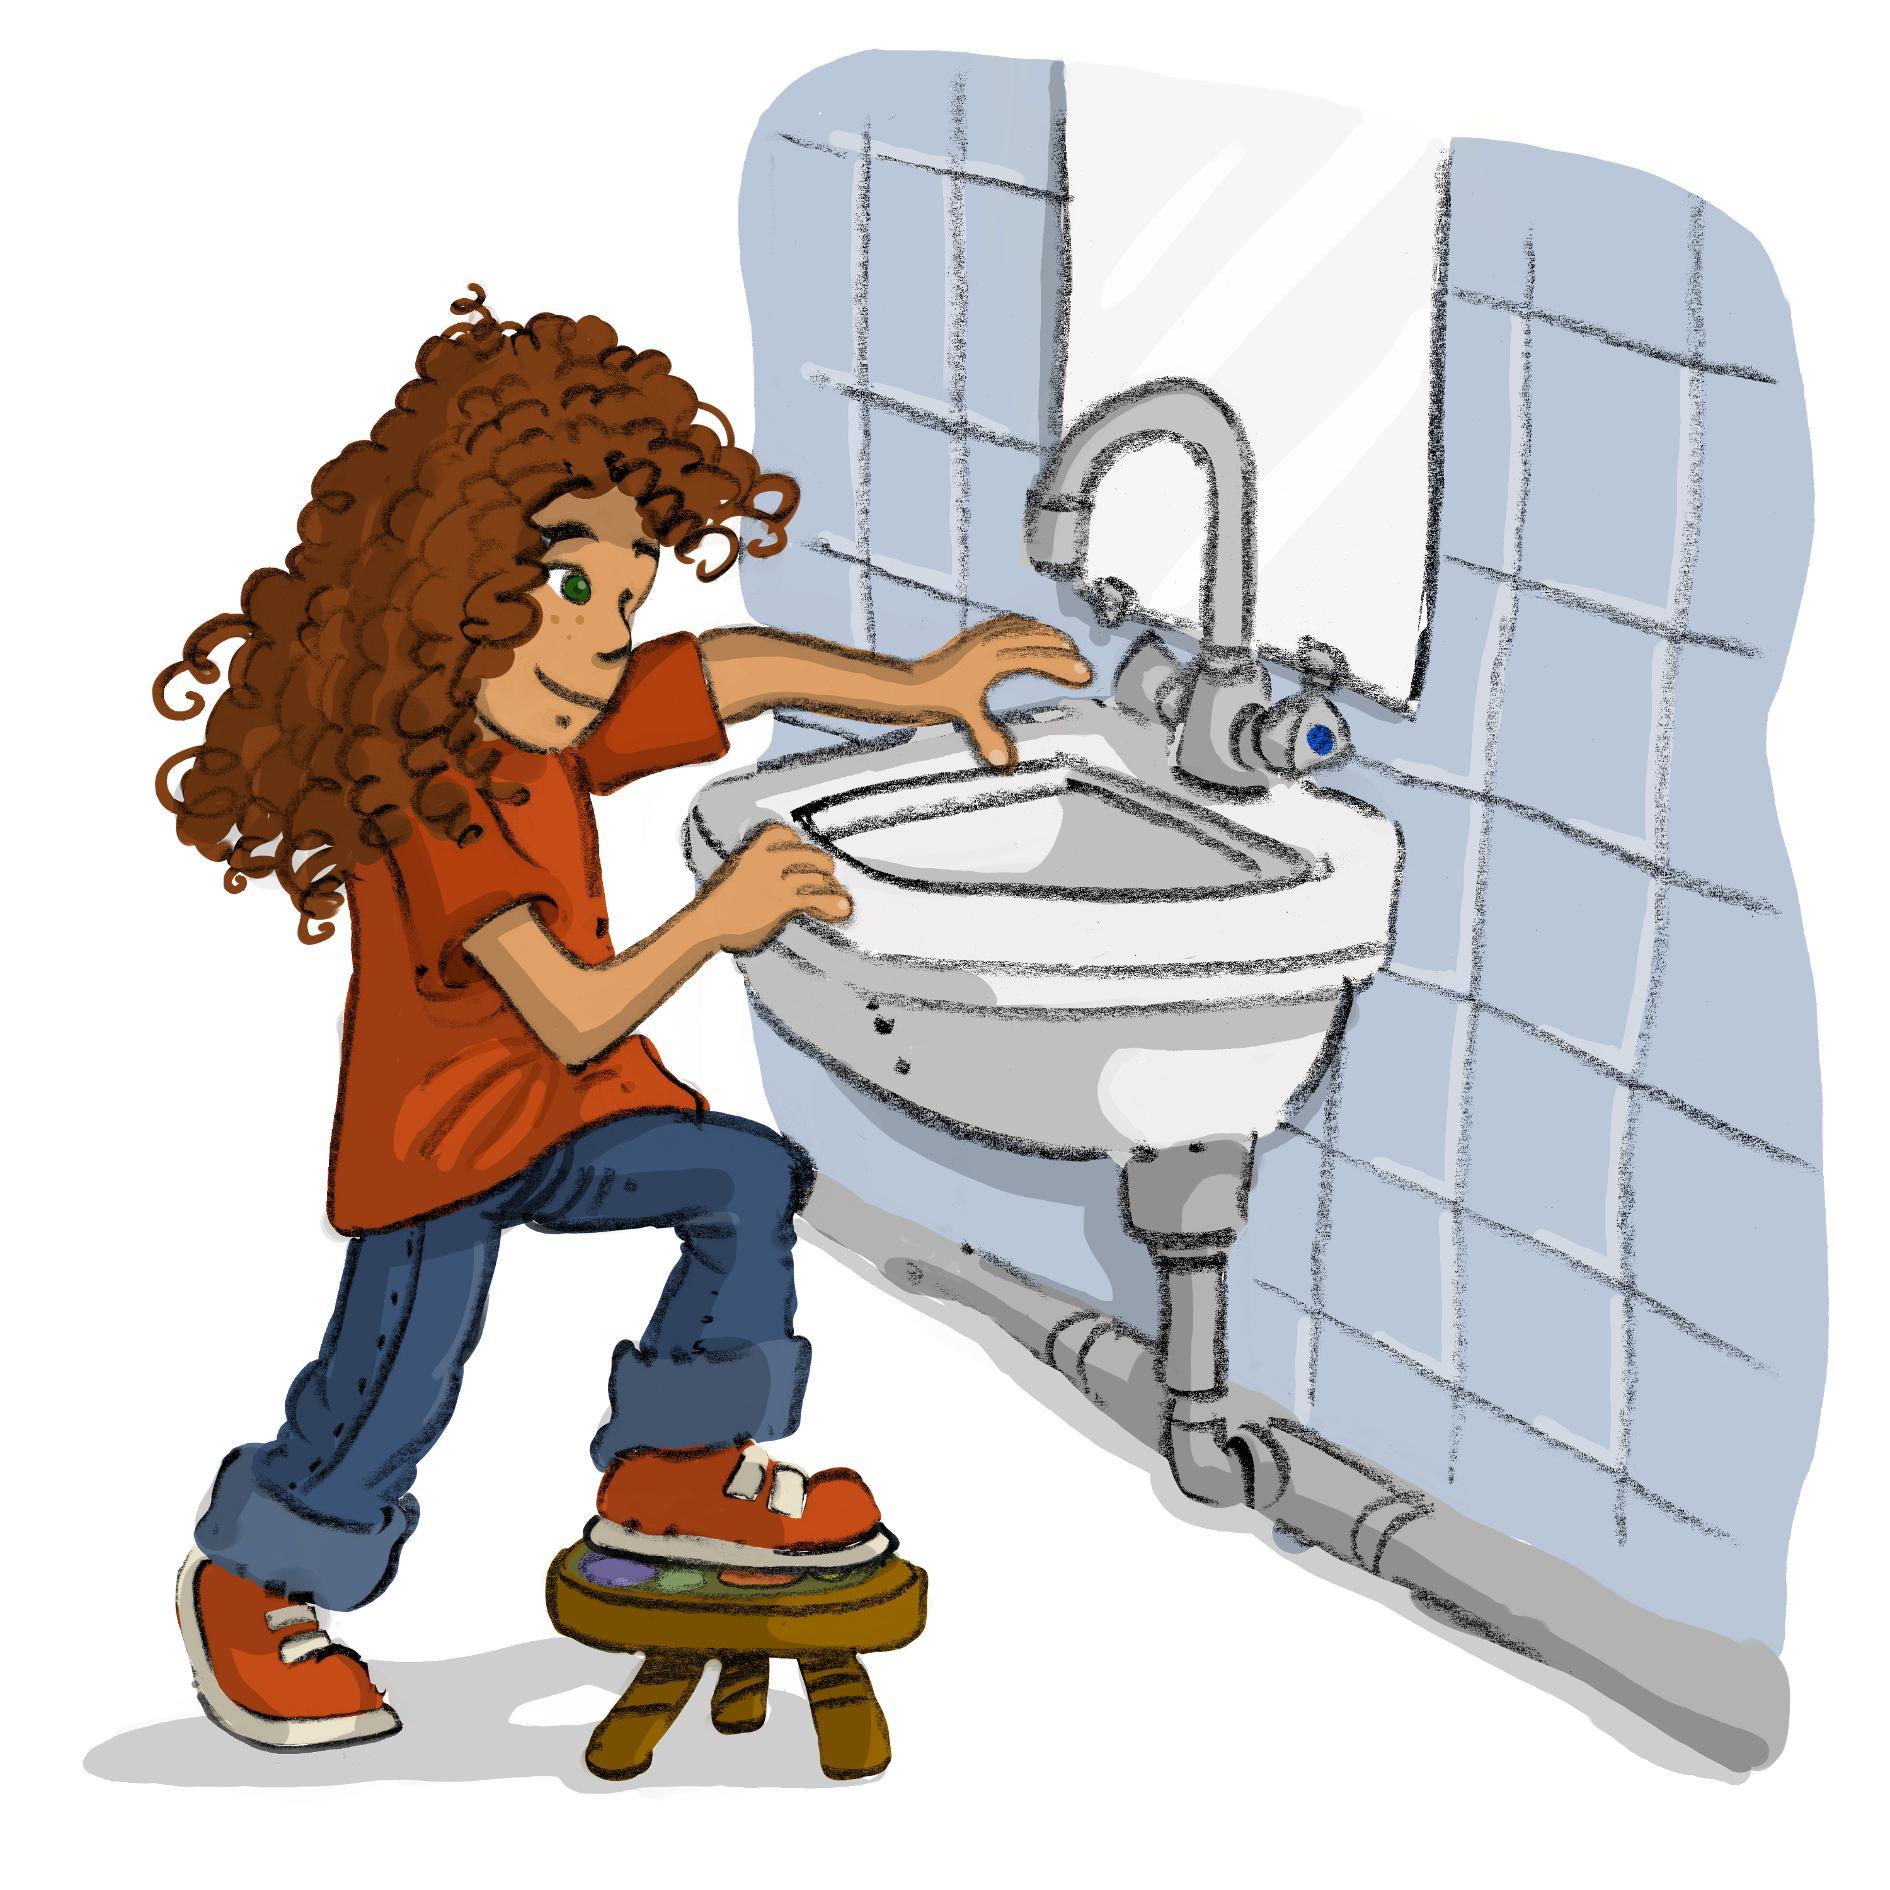 Ressources ducatives libres les - Dessin se laver ...